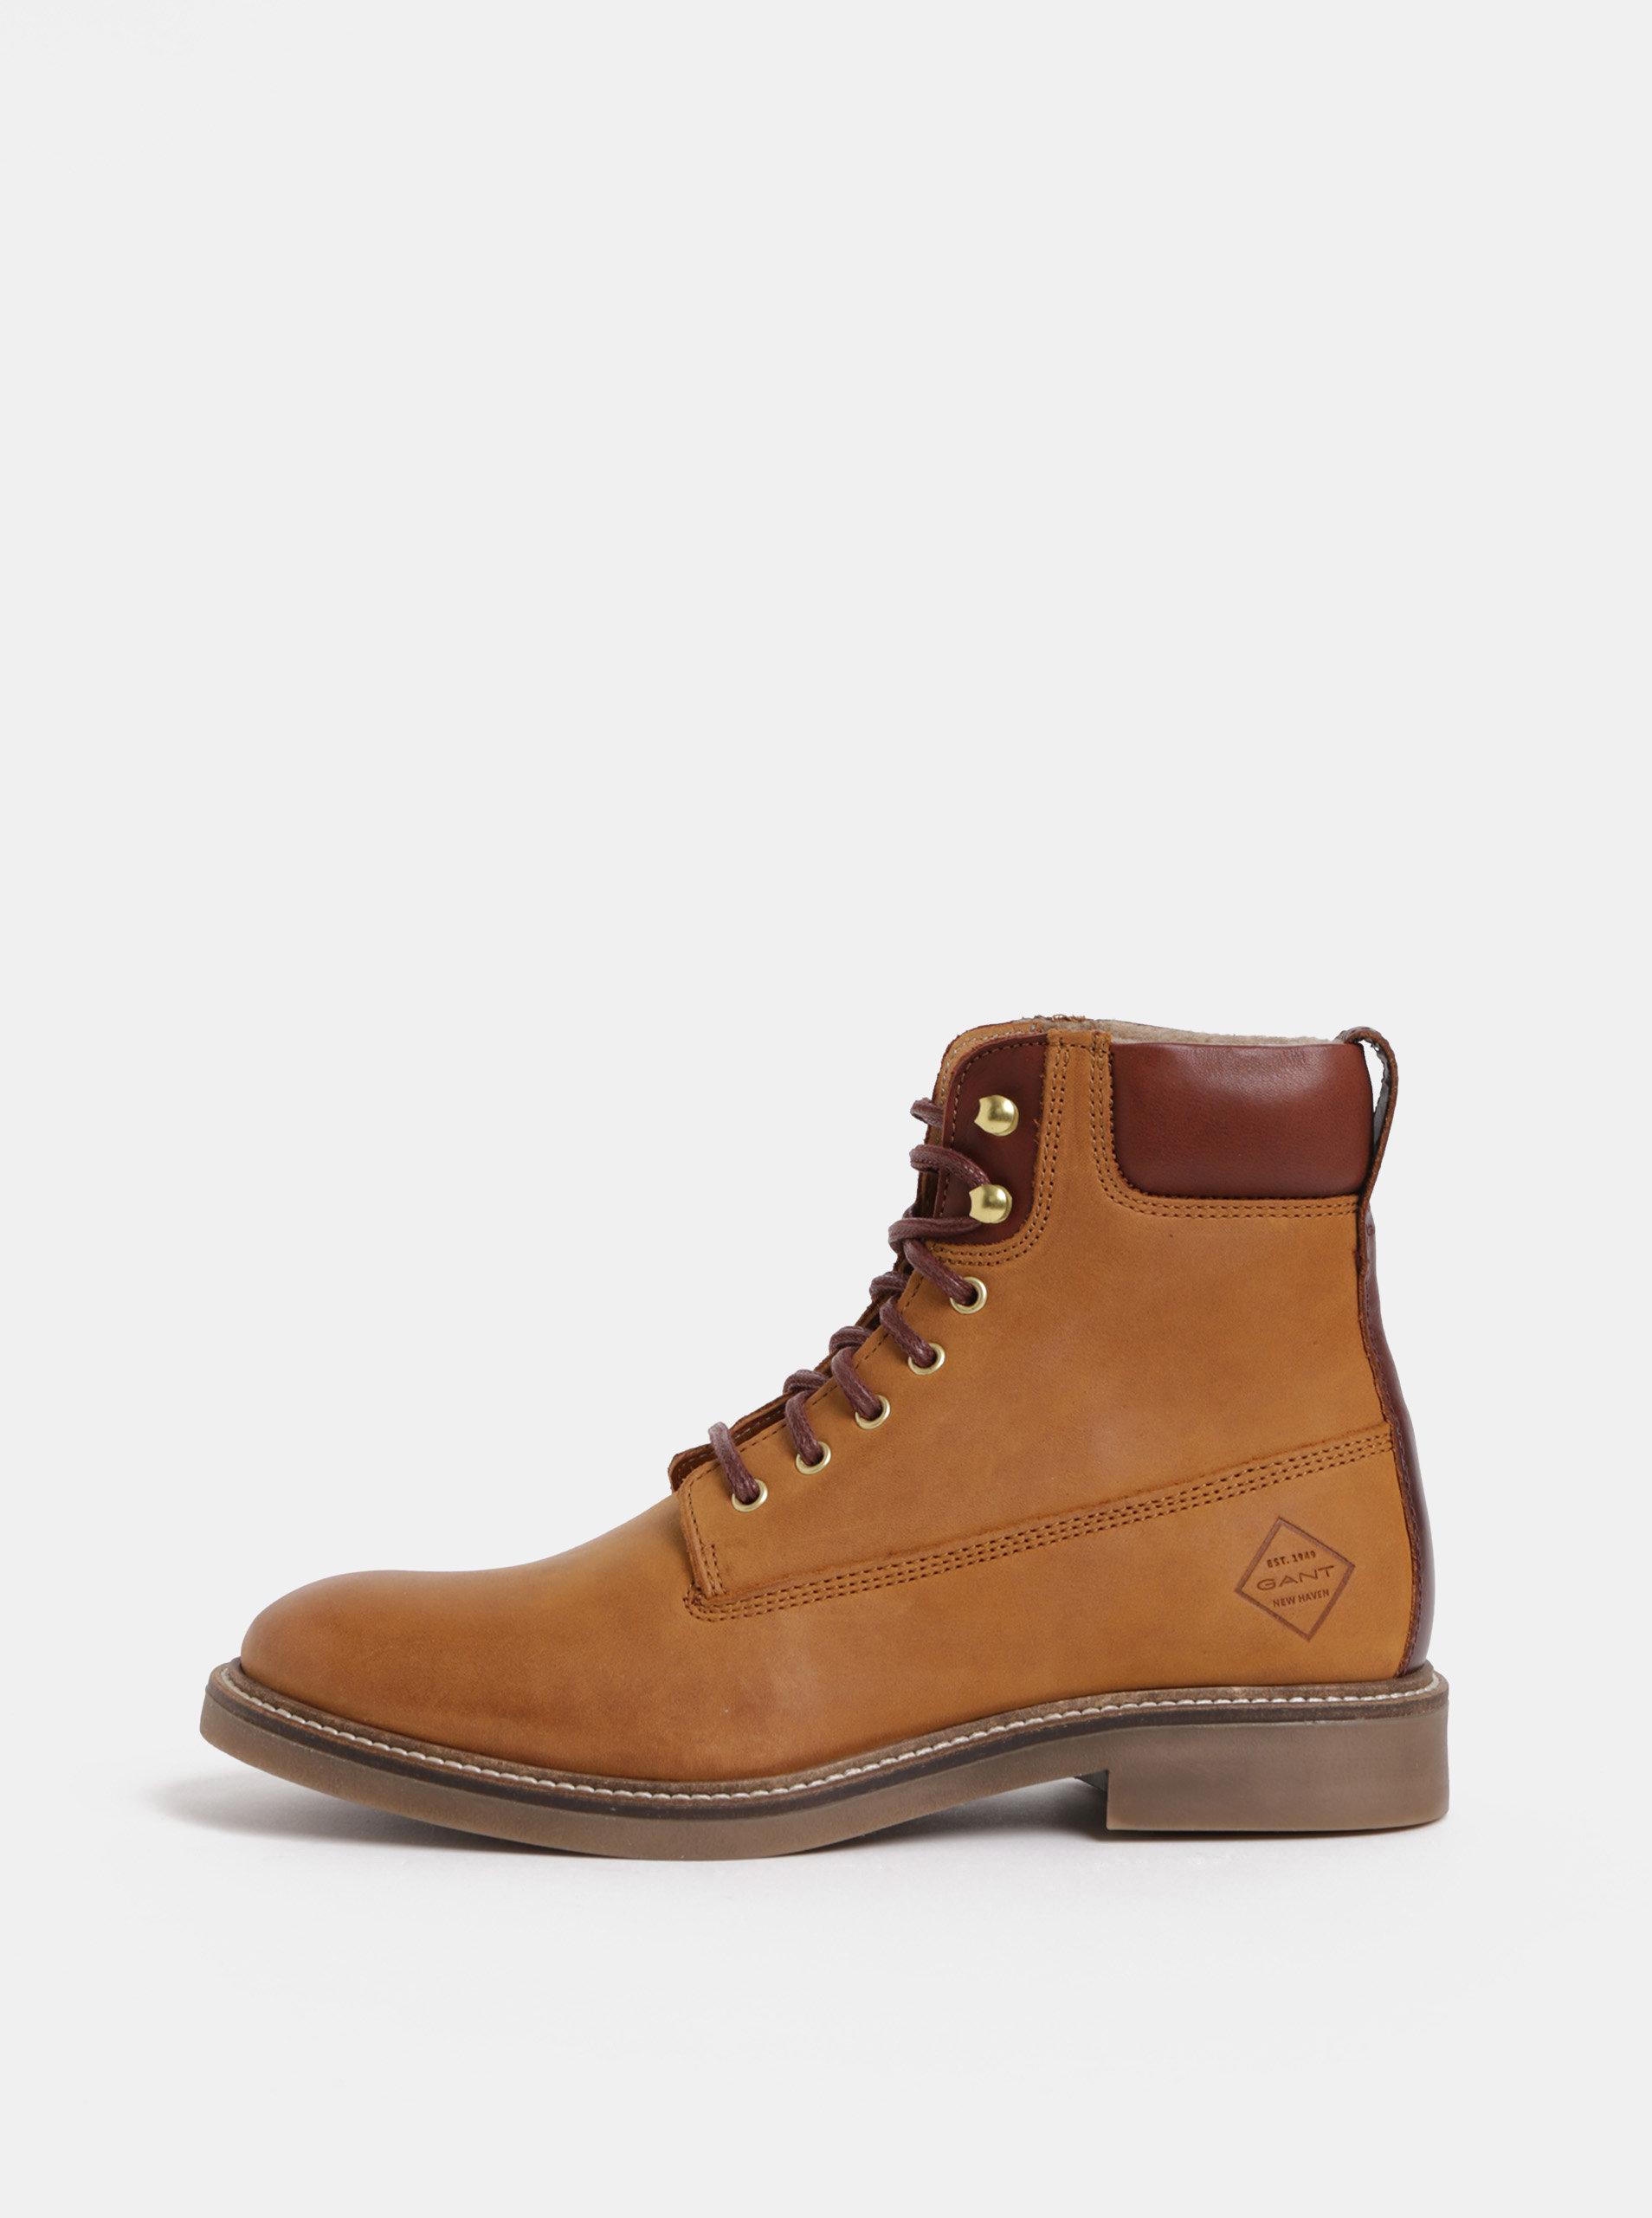 ace754f8c7 Hnedé dámske kožené členkové zimné topánky GANT Ashley ...